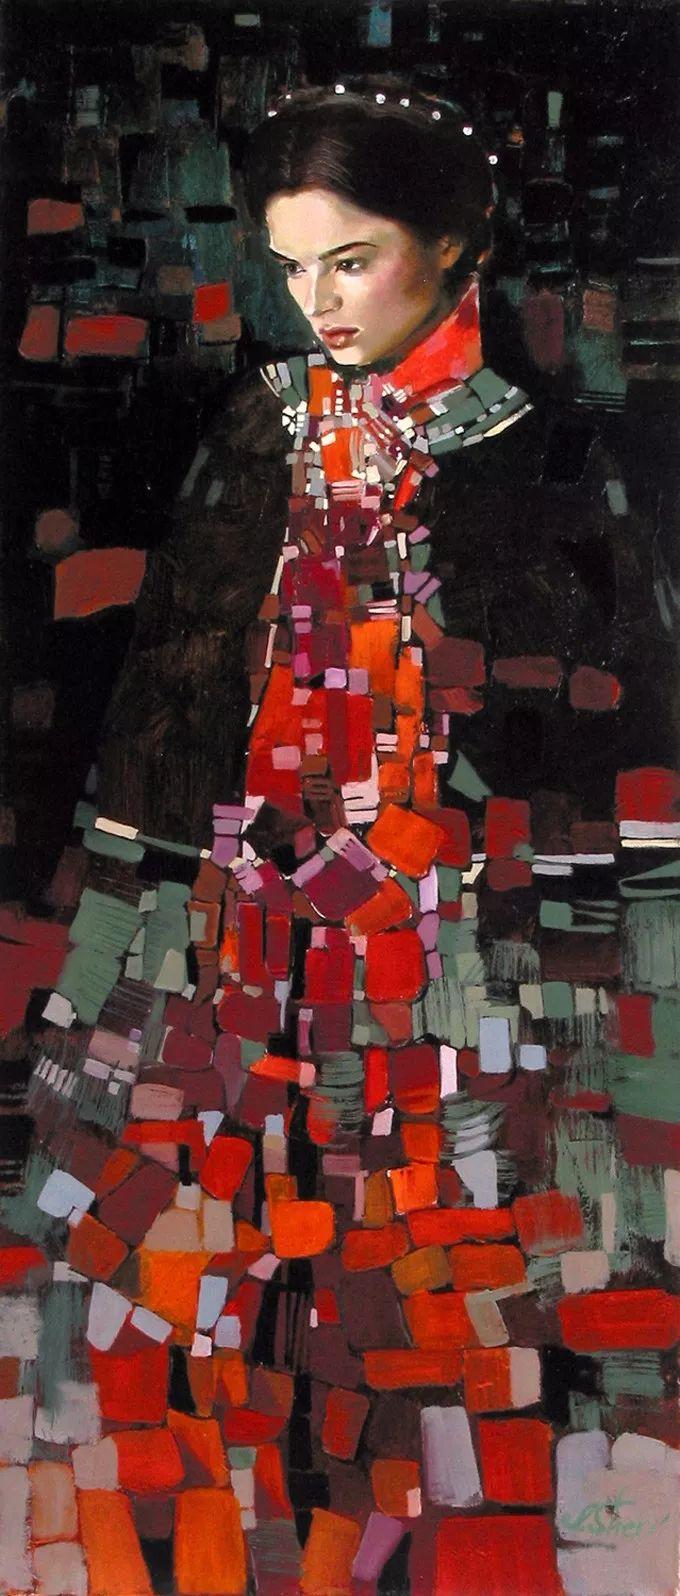 她的油画有一种惊艳脱俗的美,乌克兰天才女画家艾琳·谢里插图37